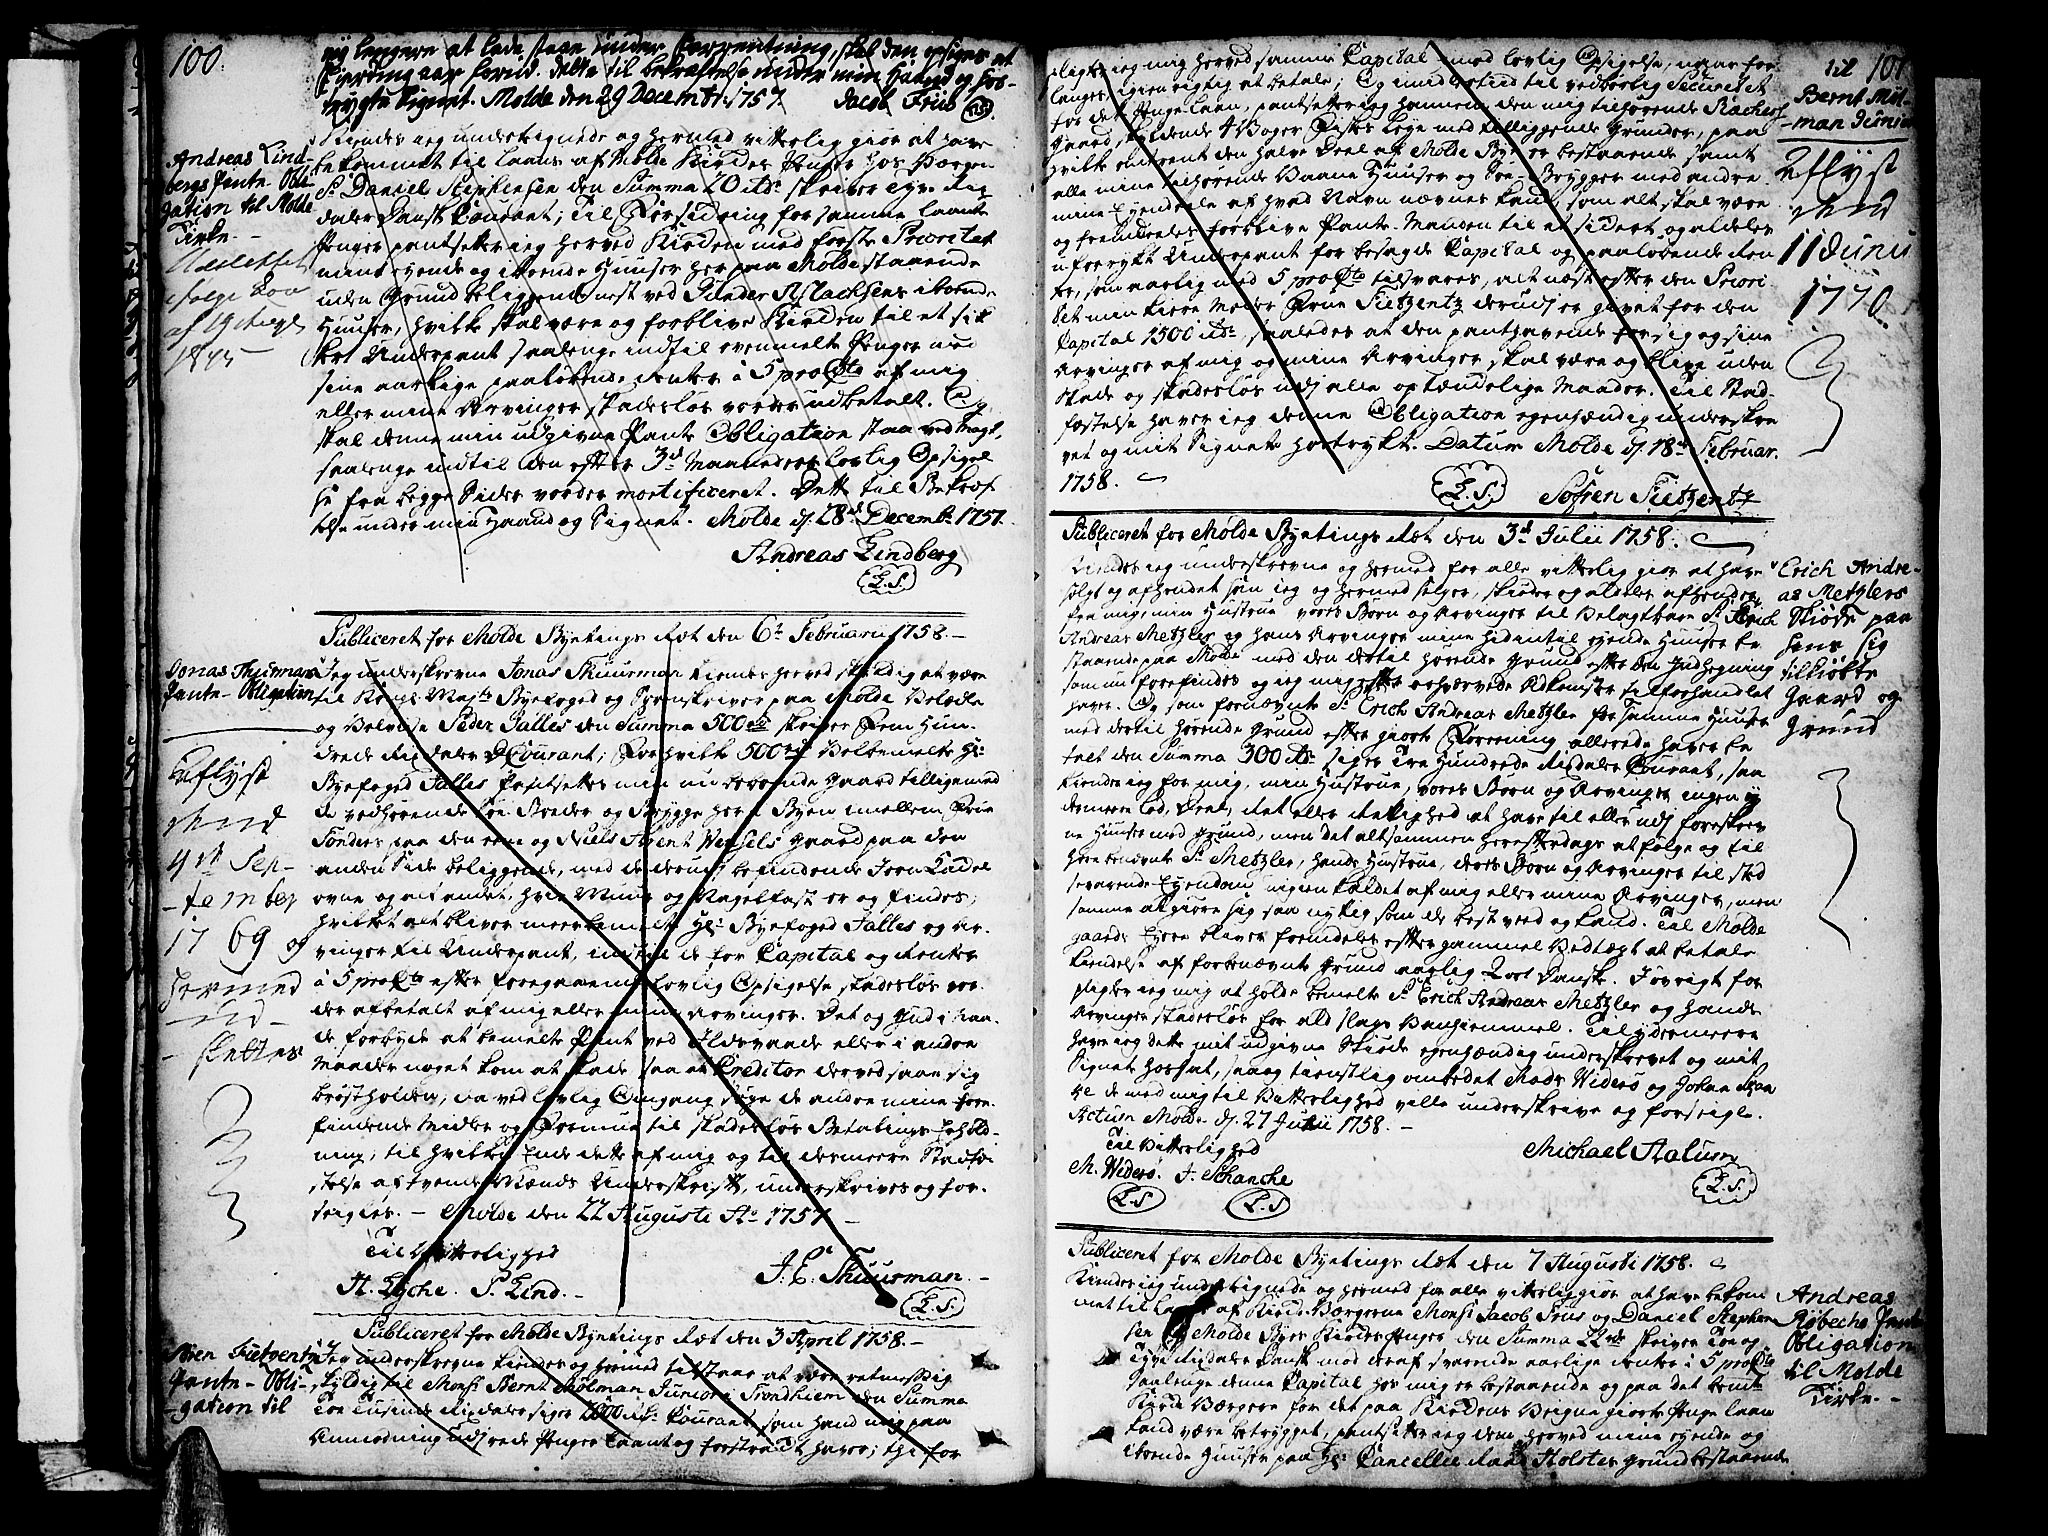 SAT, Molde byfogd, 2/2C/L0001: Pantebok nr. 1, 1748-1823, s. 100-101